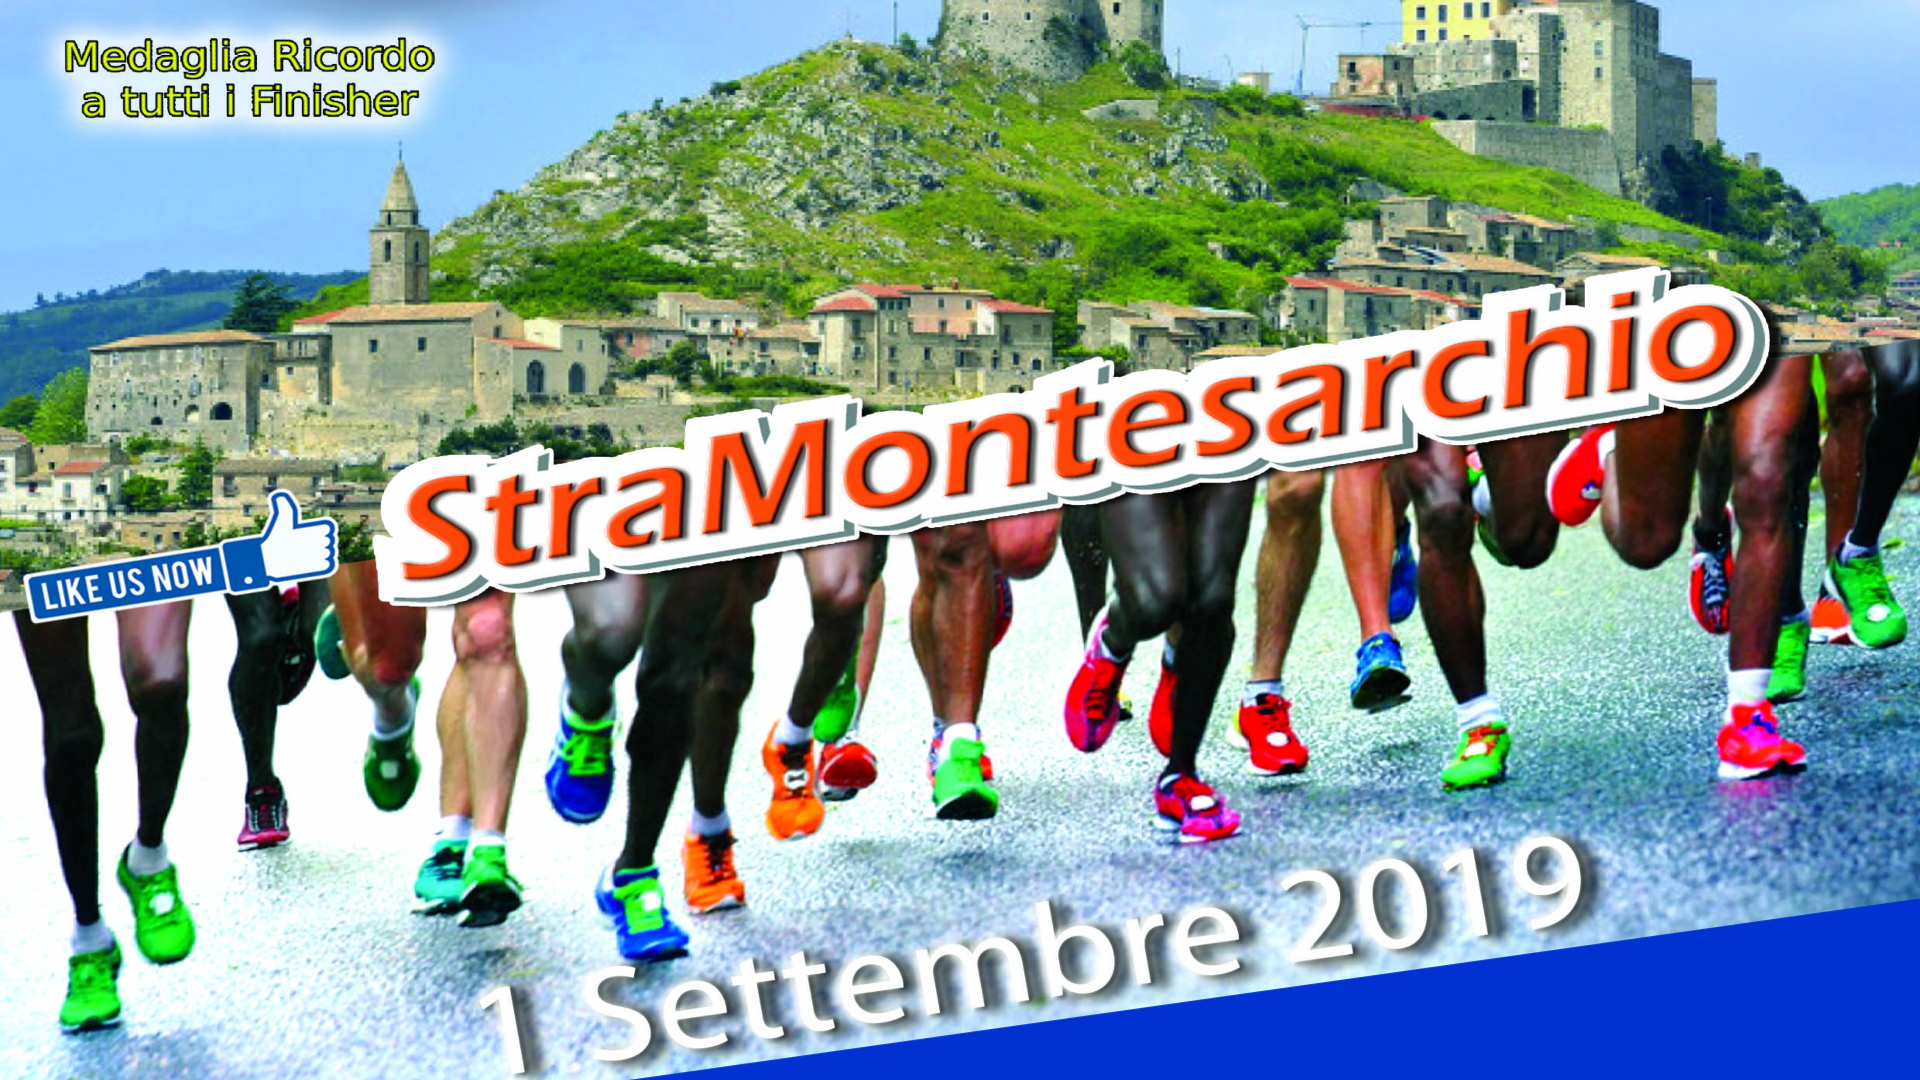 Marchese Castagne Sponsor della gara podistica StraMontesarchio